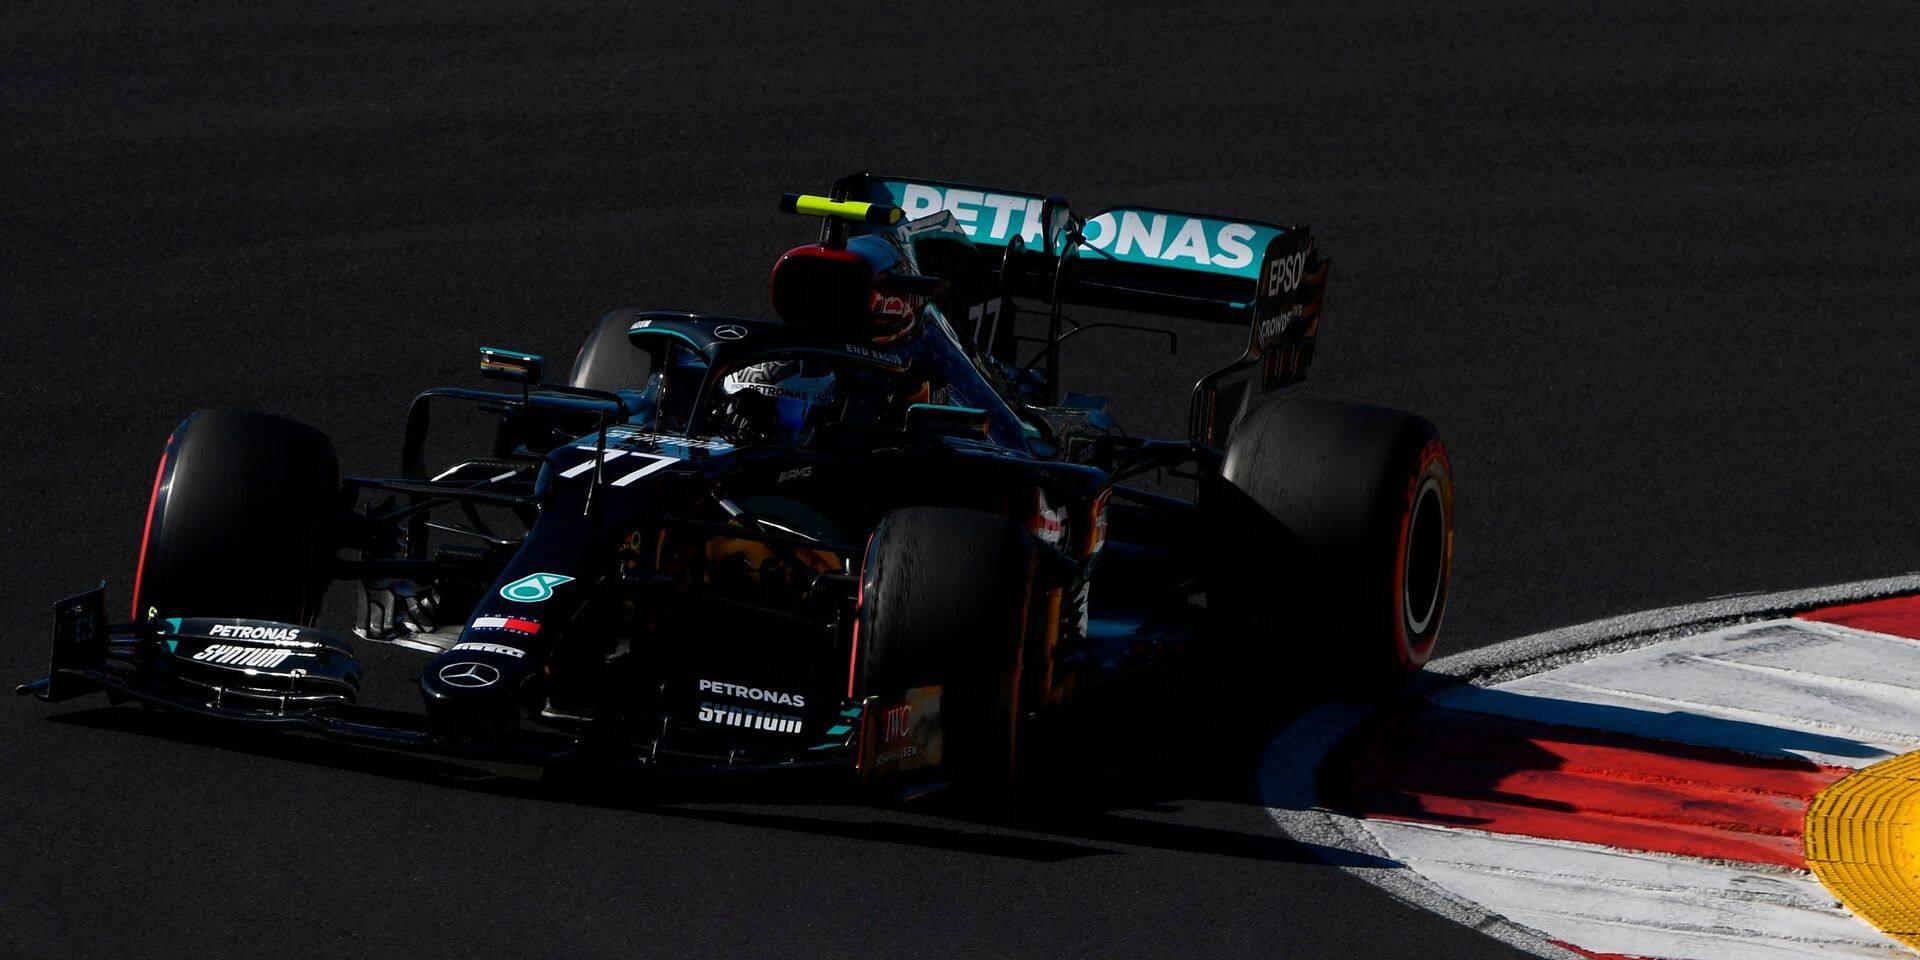 Valtteri Bottas encore le plus rapide lors de la dernière séance d'essais libres en F1